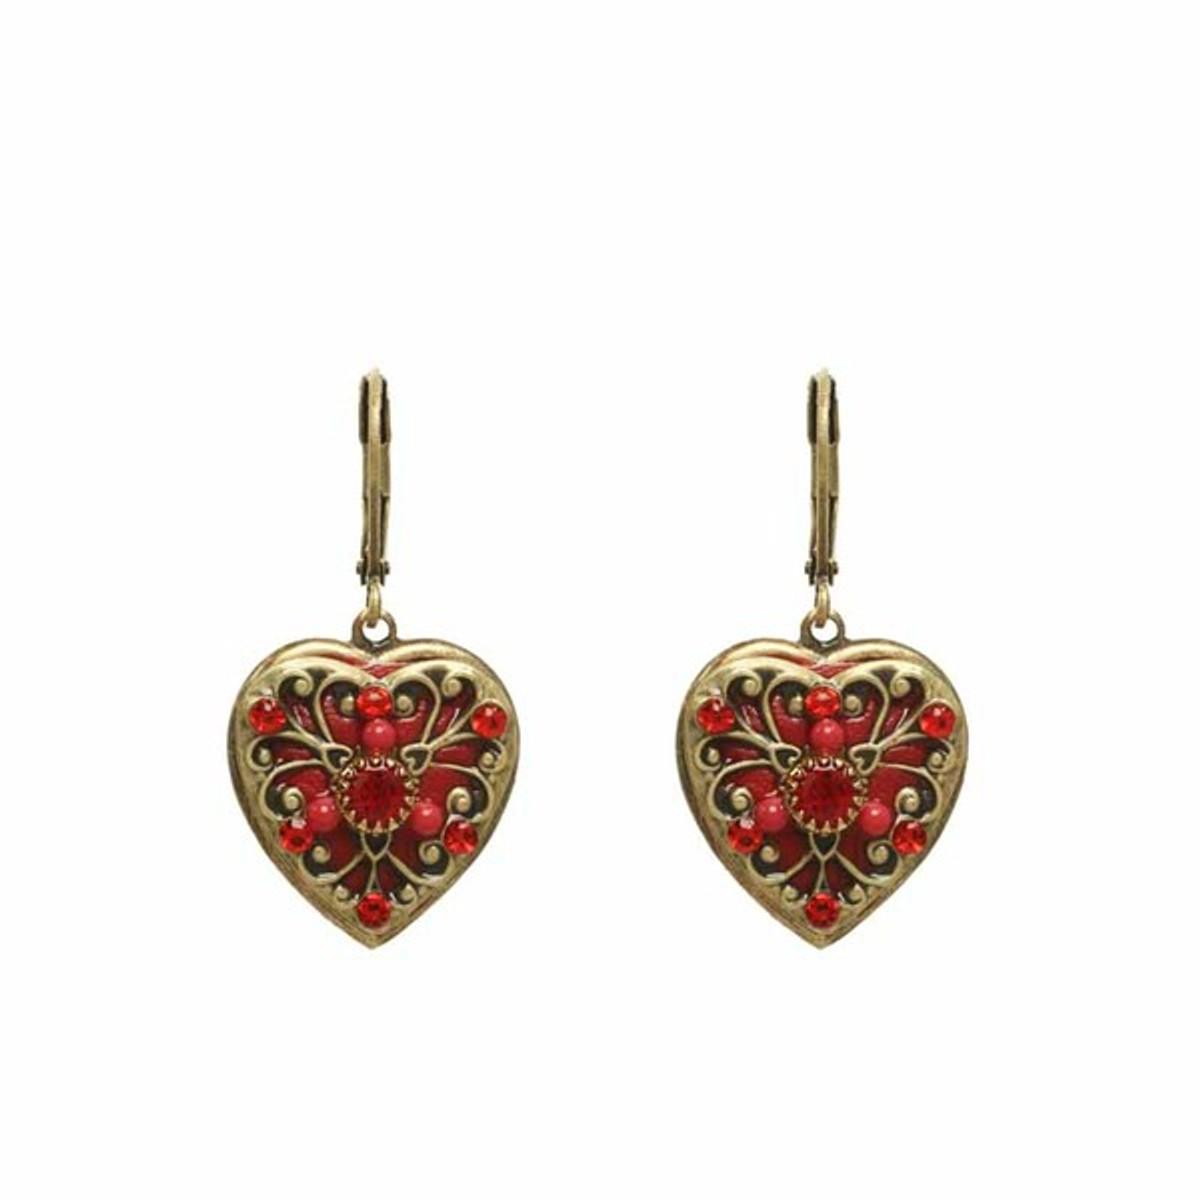 Heart earrings by Michal Golan Jewelry